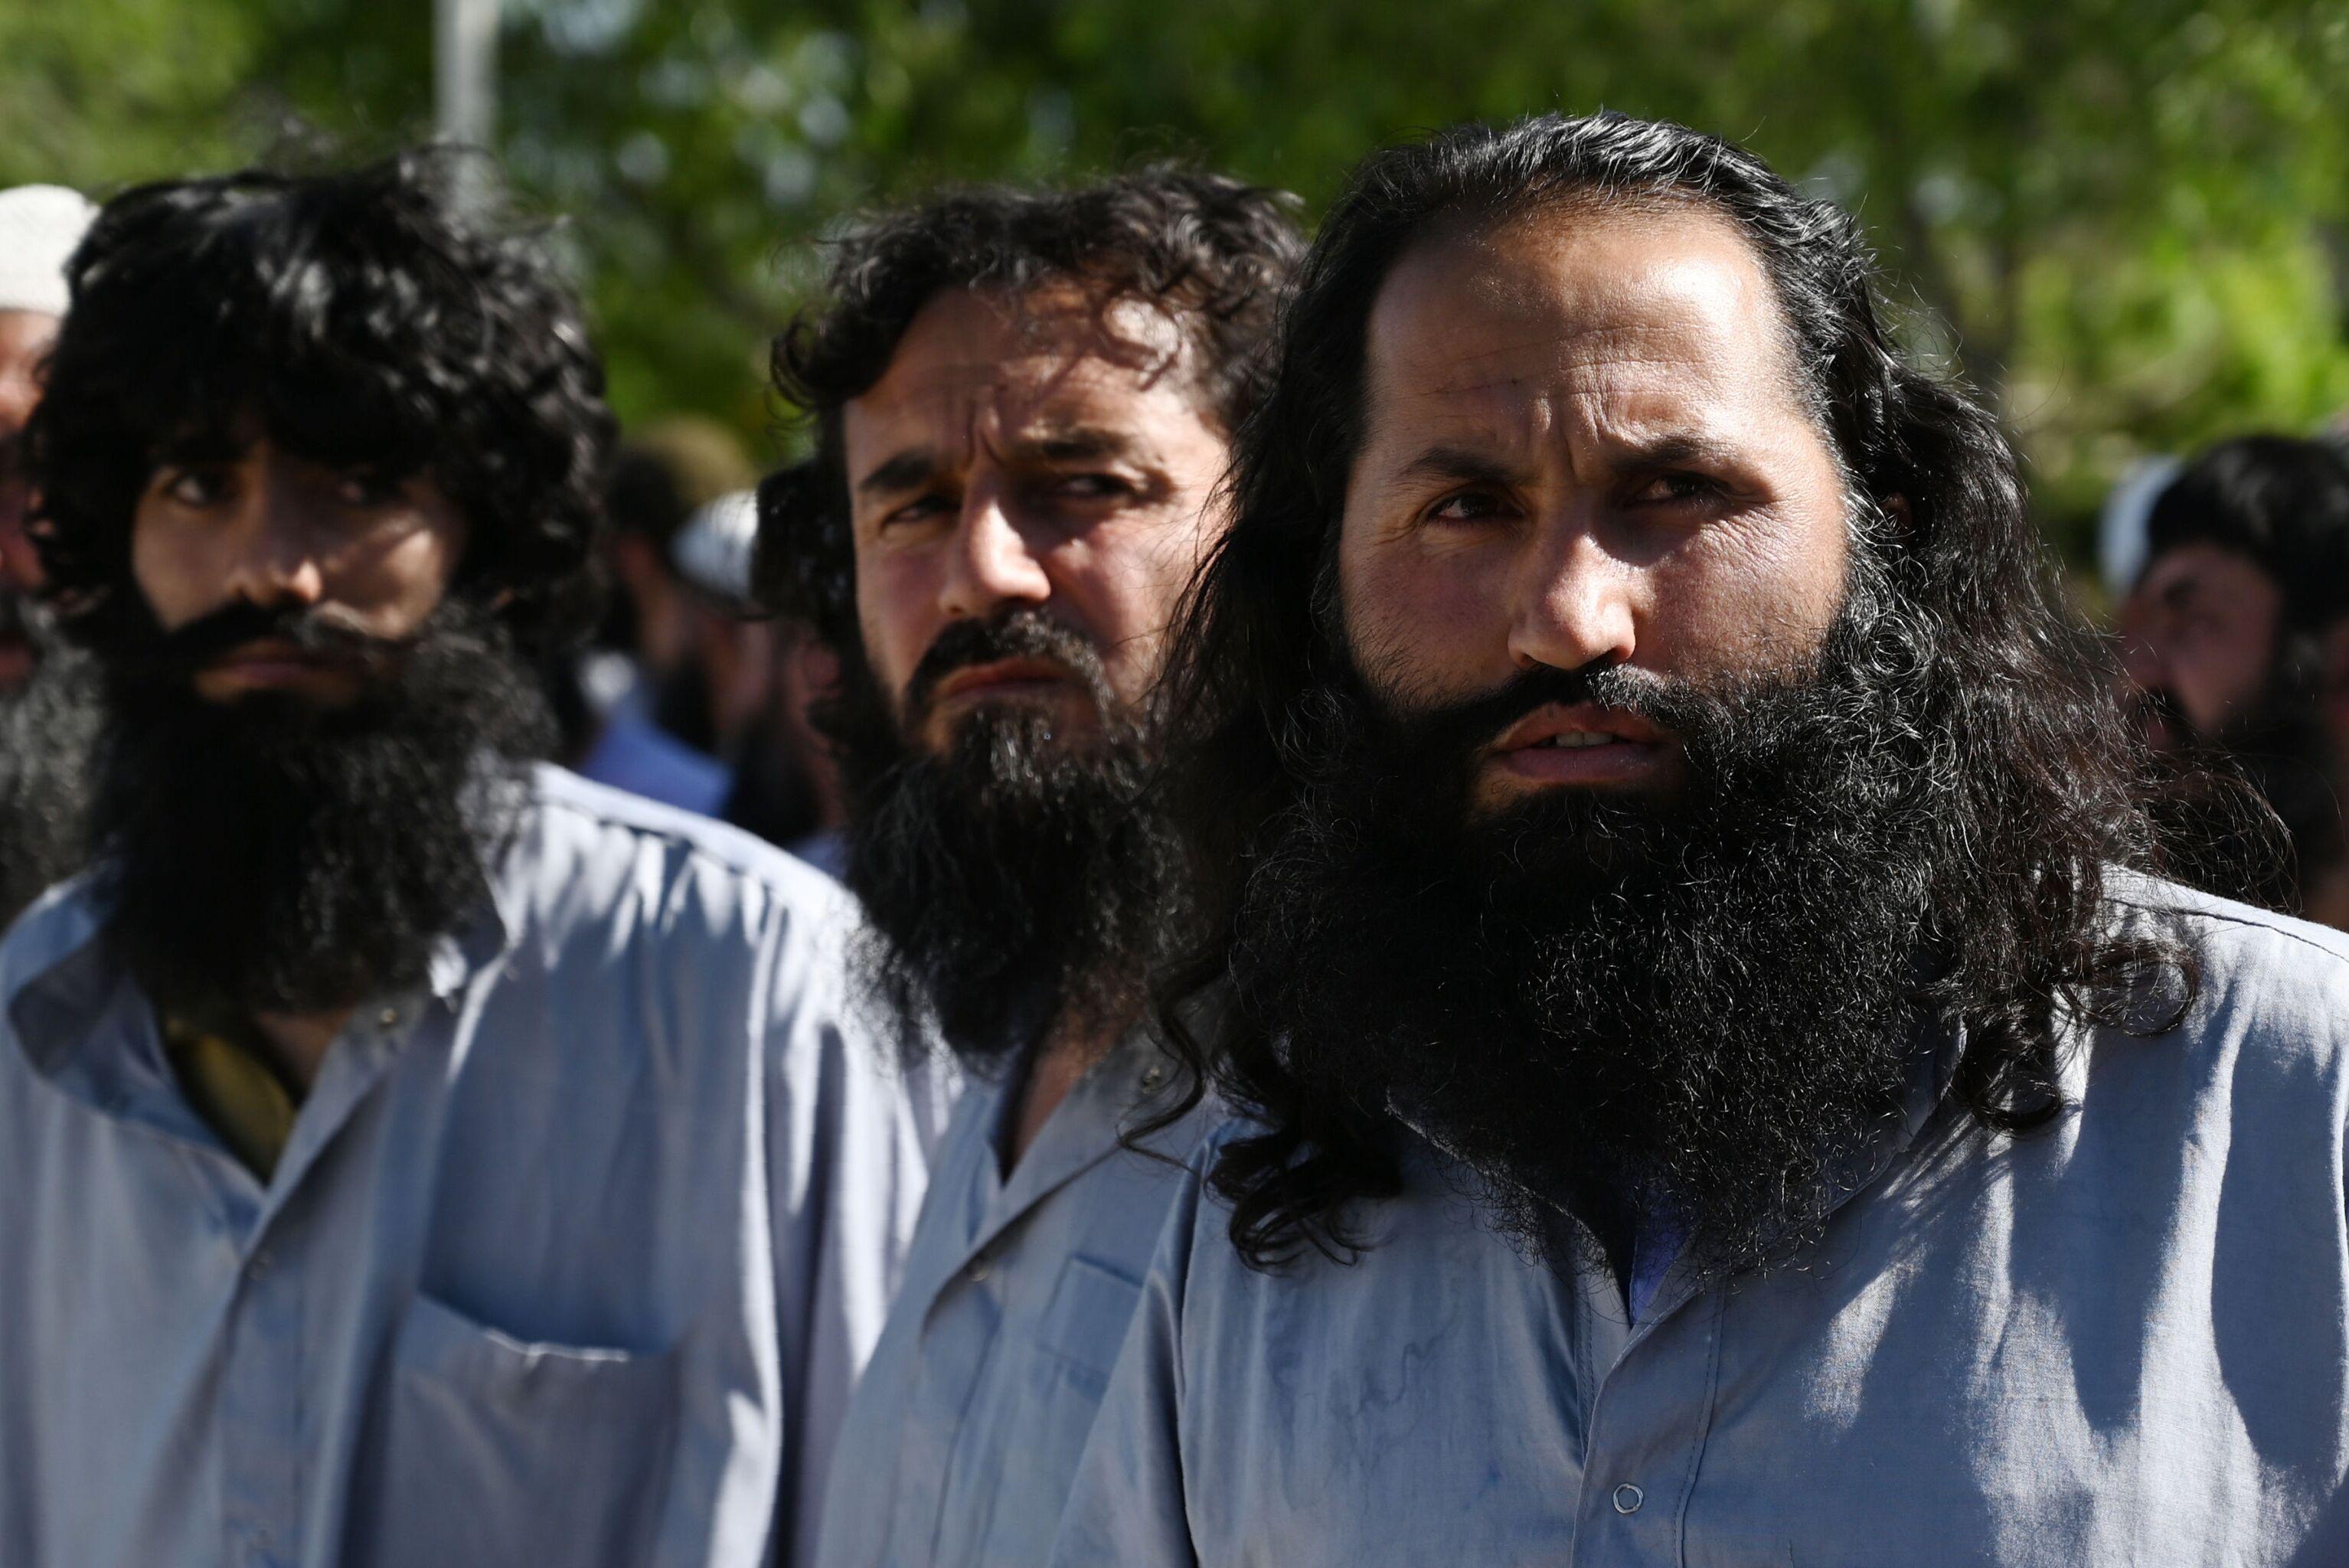 سجناء طالبان الأفغان في سجن باغرام ، حيث تعتزم السلطات الأفغانية إطلاق سراح ما يصل إلى 2000 سجين من طالبان ، أفغانستان ، 26 مايو ، 2020